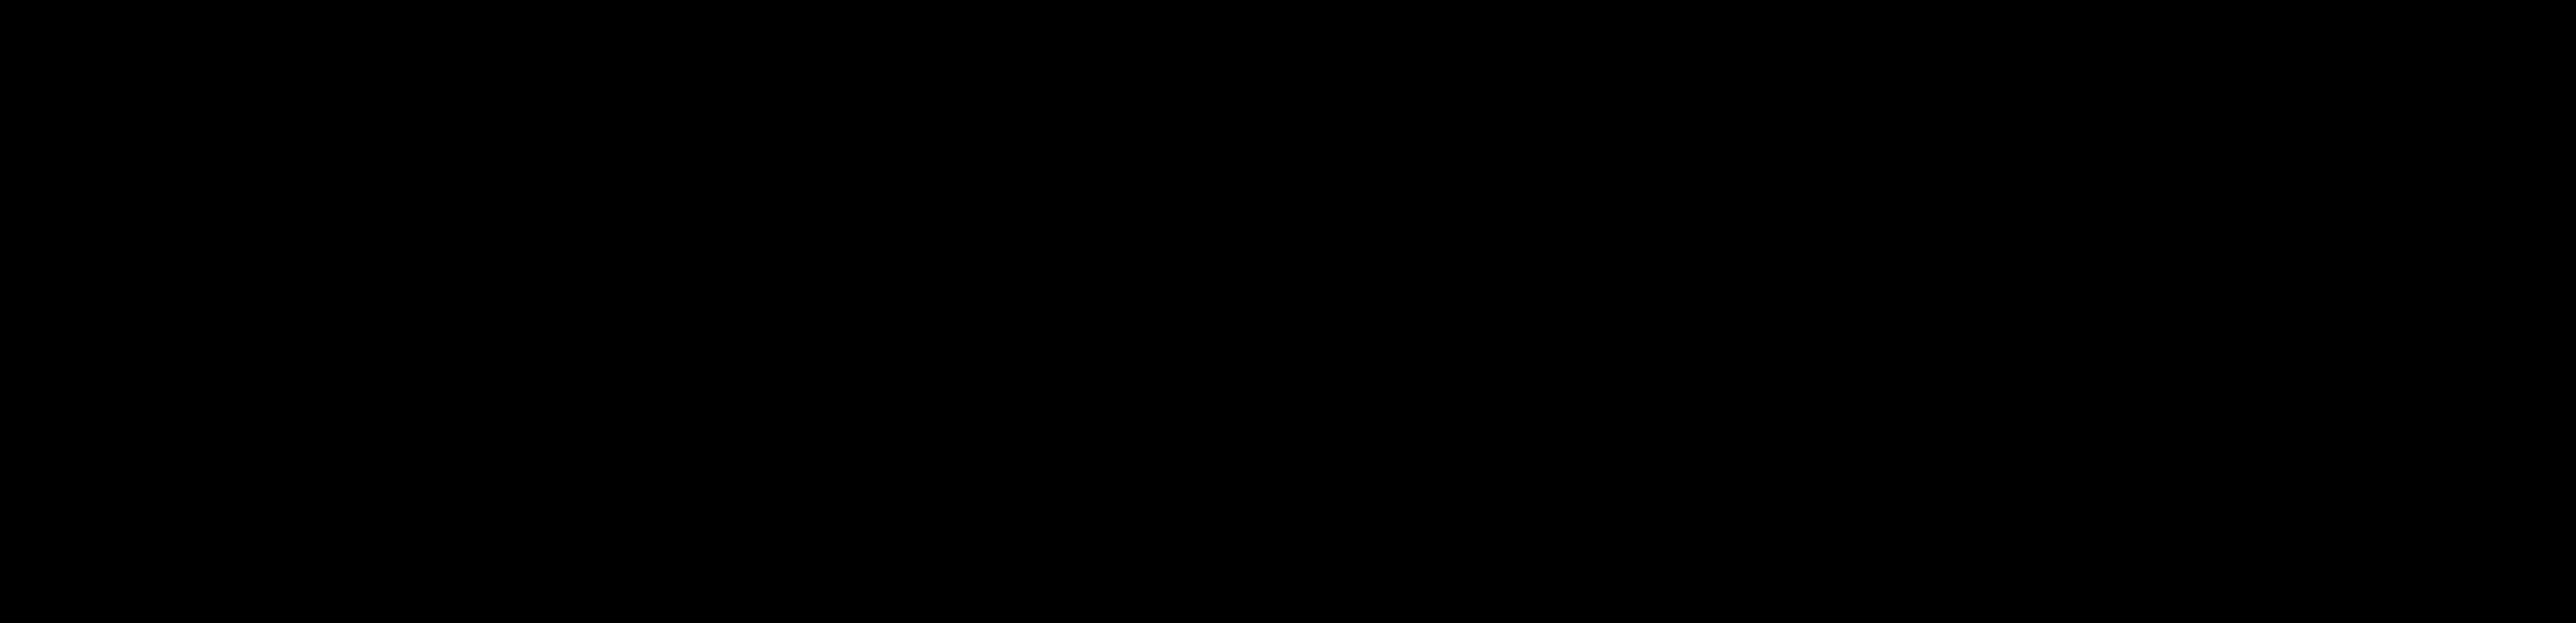 dewalt logo 2 - Dewalt Logo